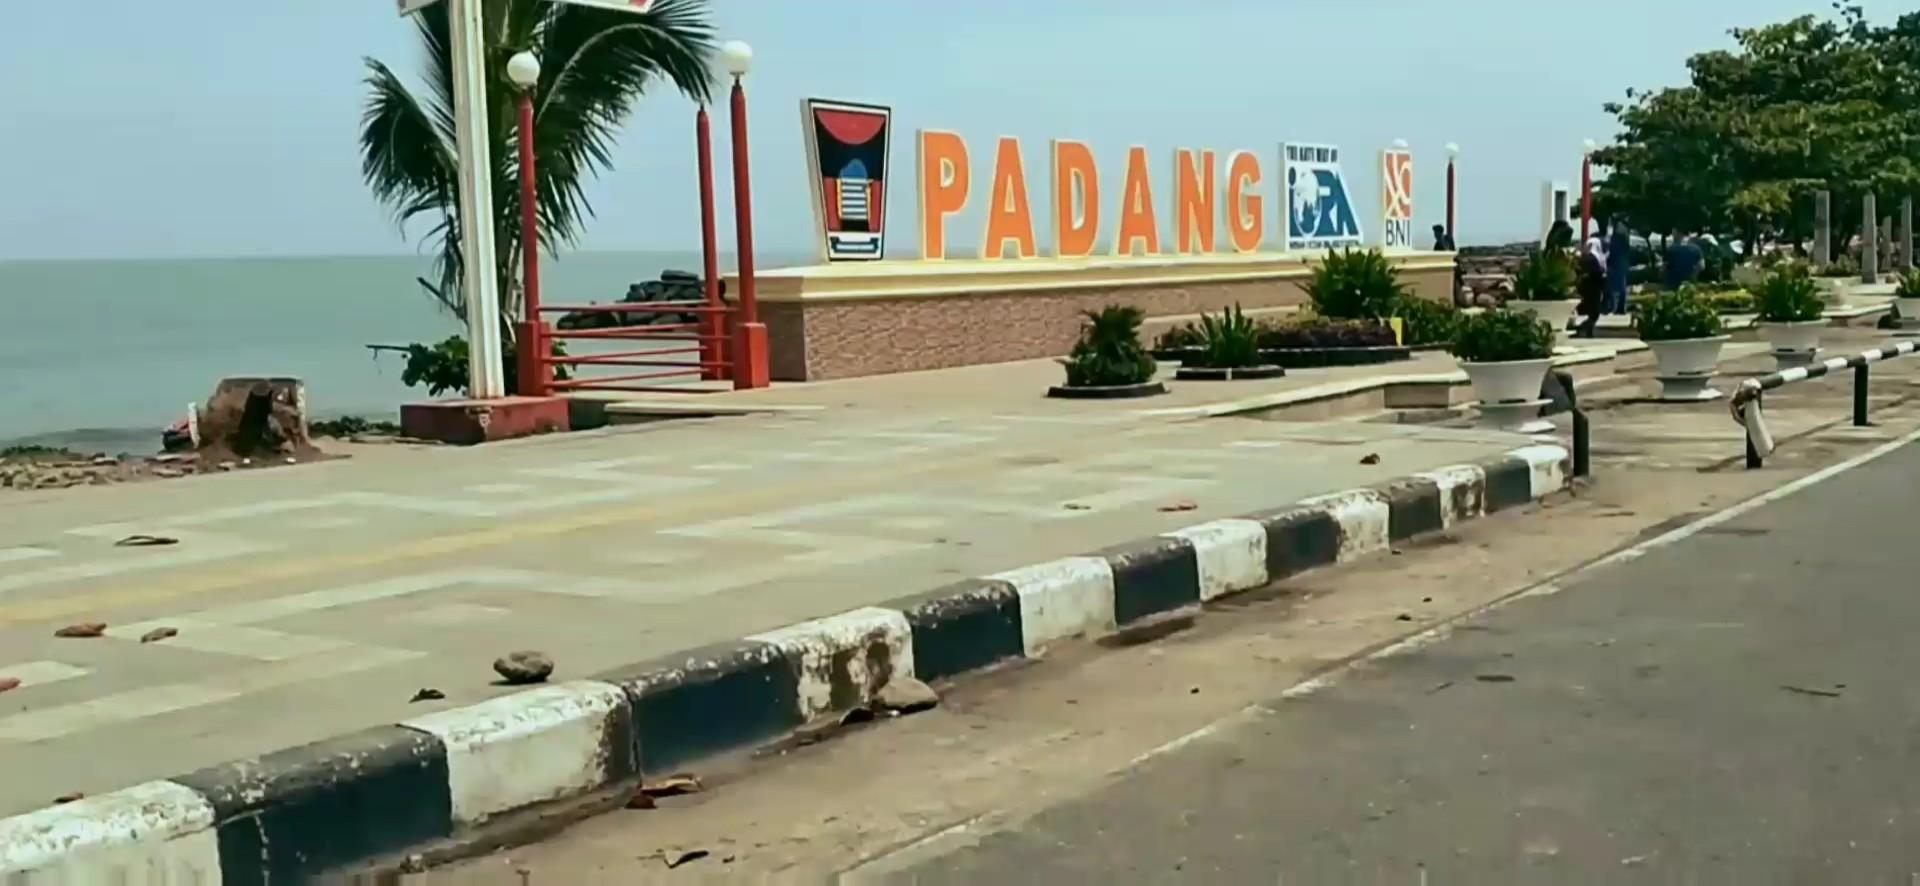 Elegan studio - Tugu Iora Pantai Padang